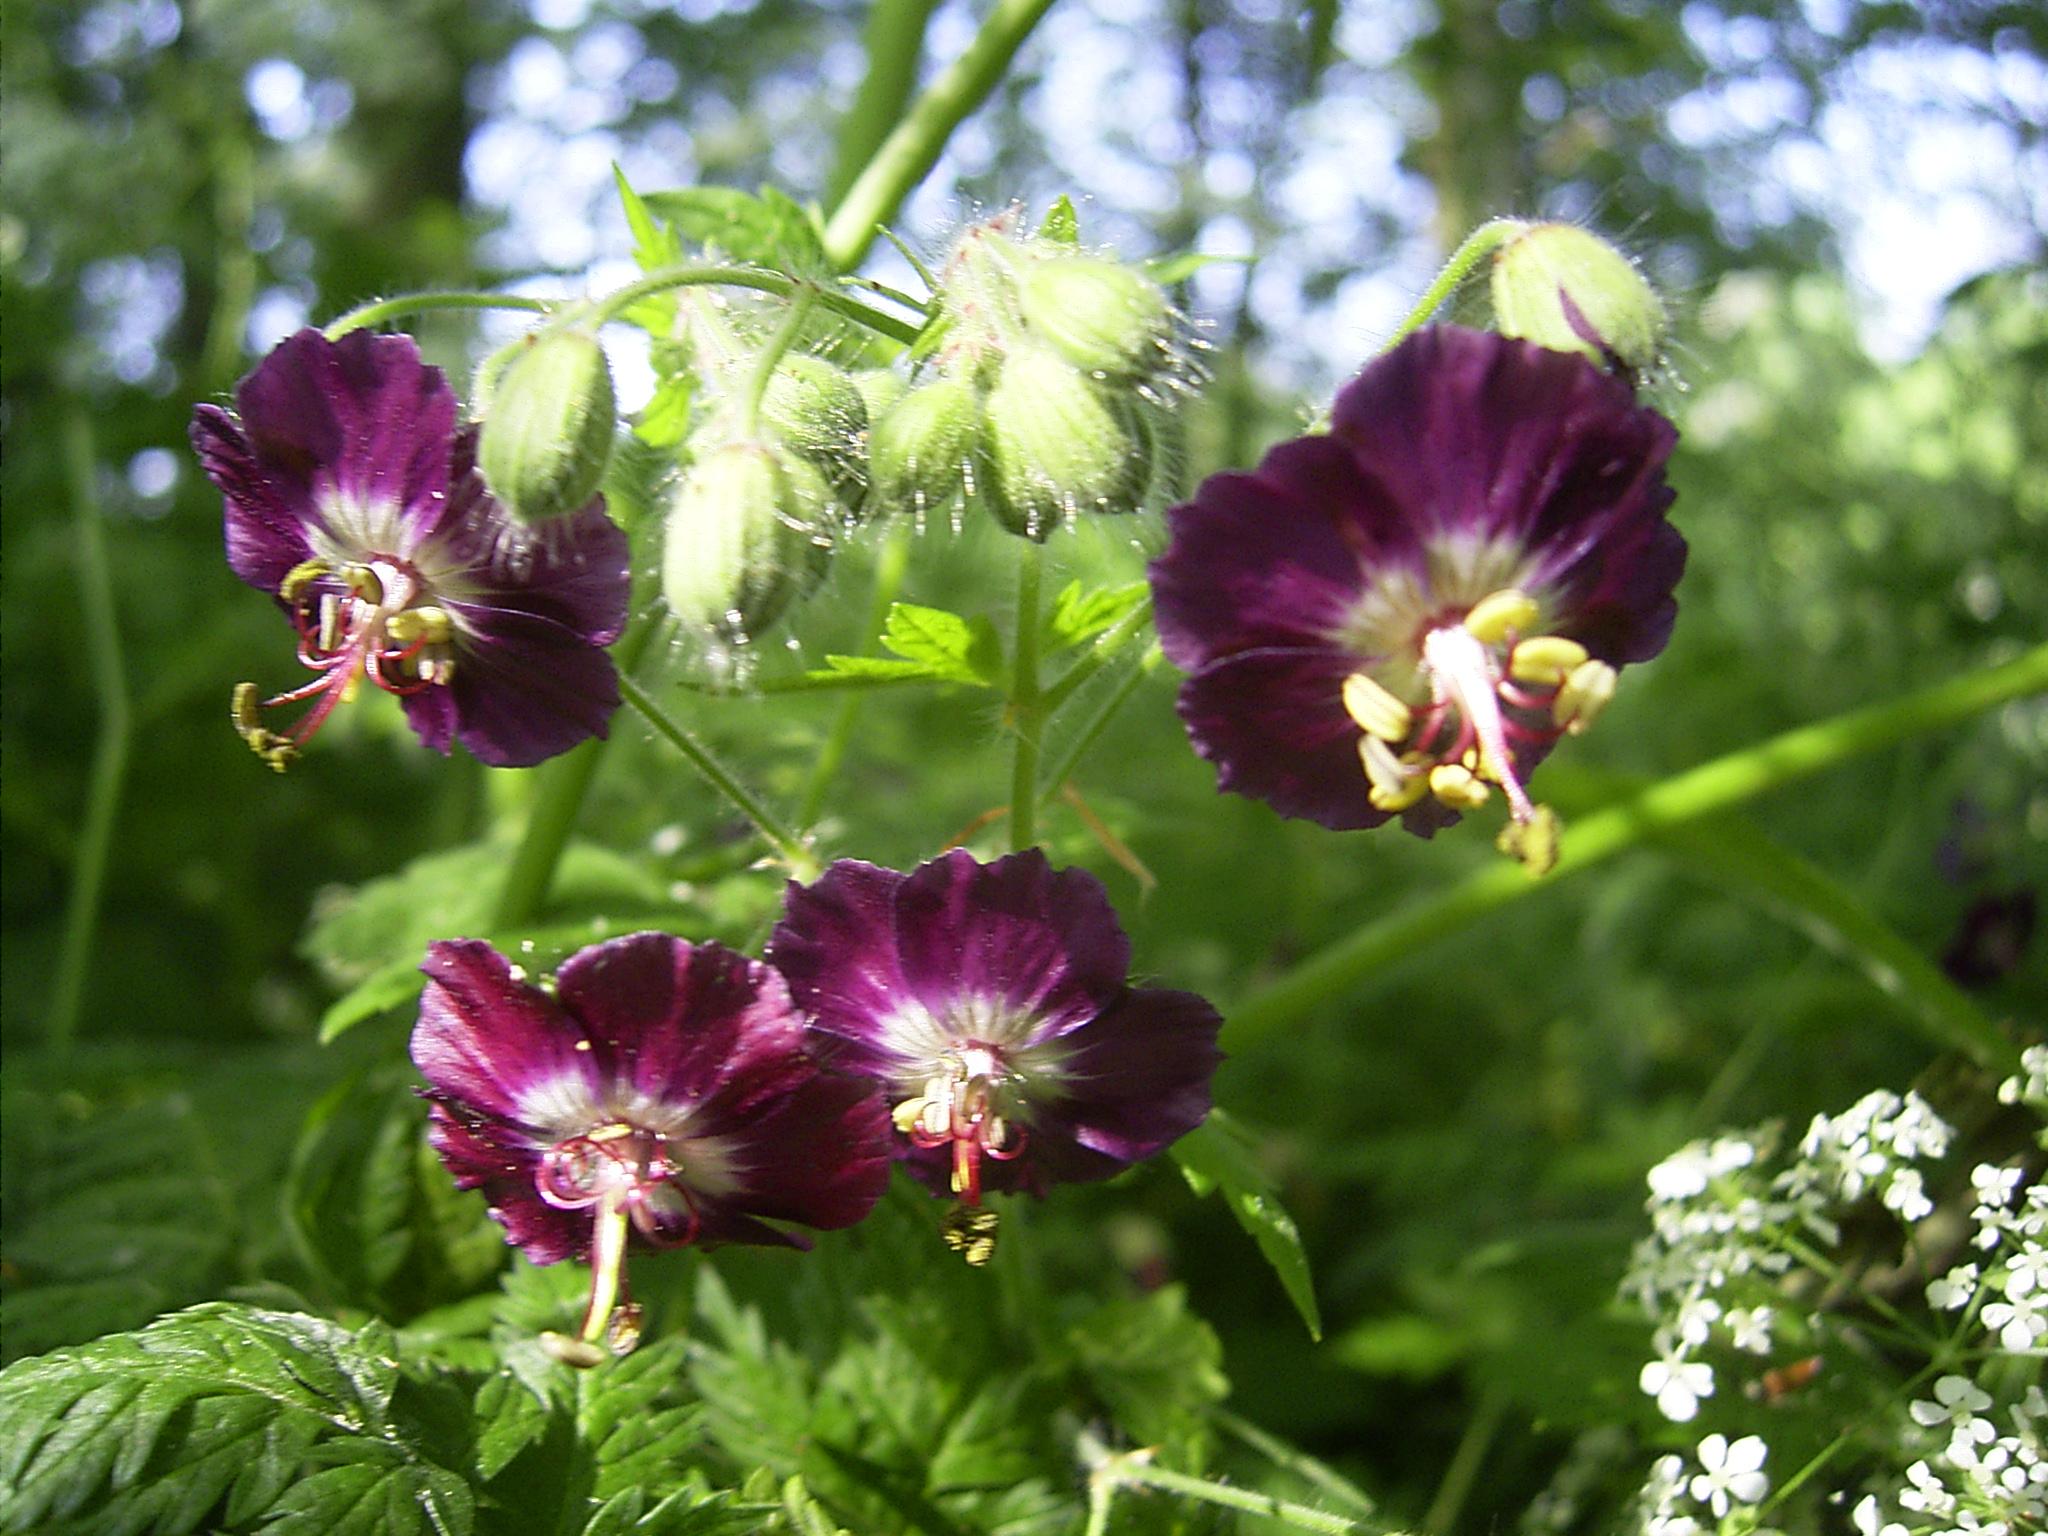 File:Geranium phaeum flowers.jpg